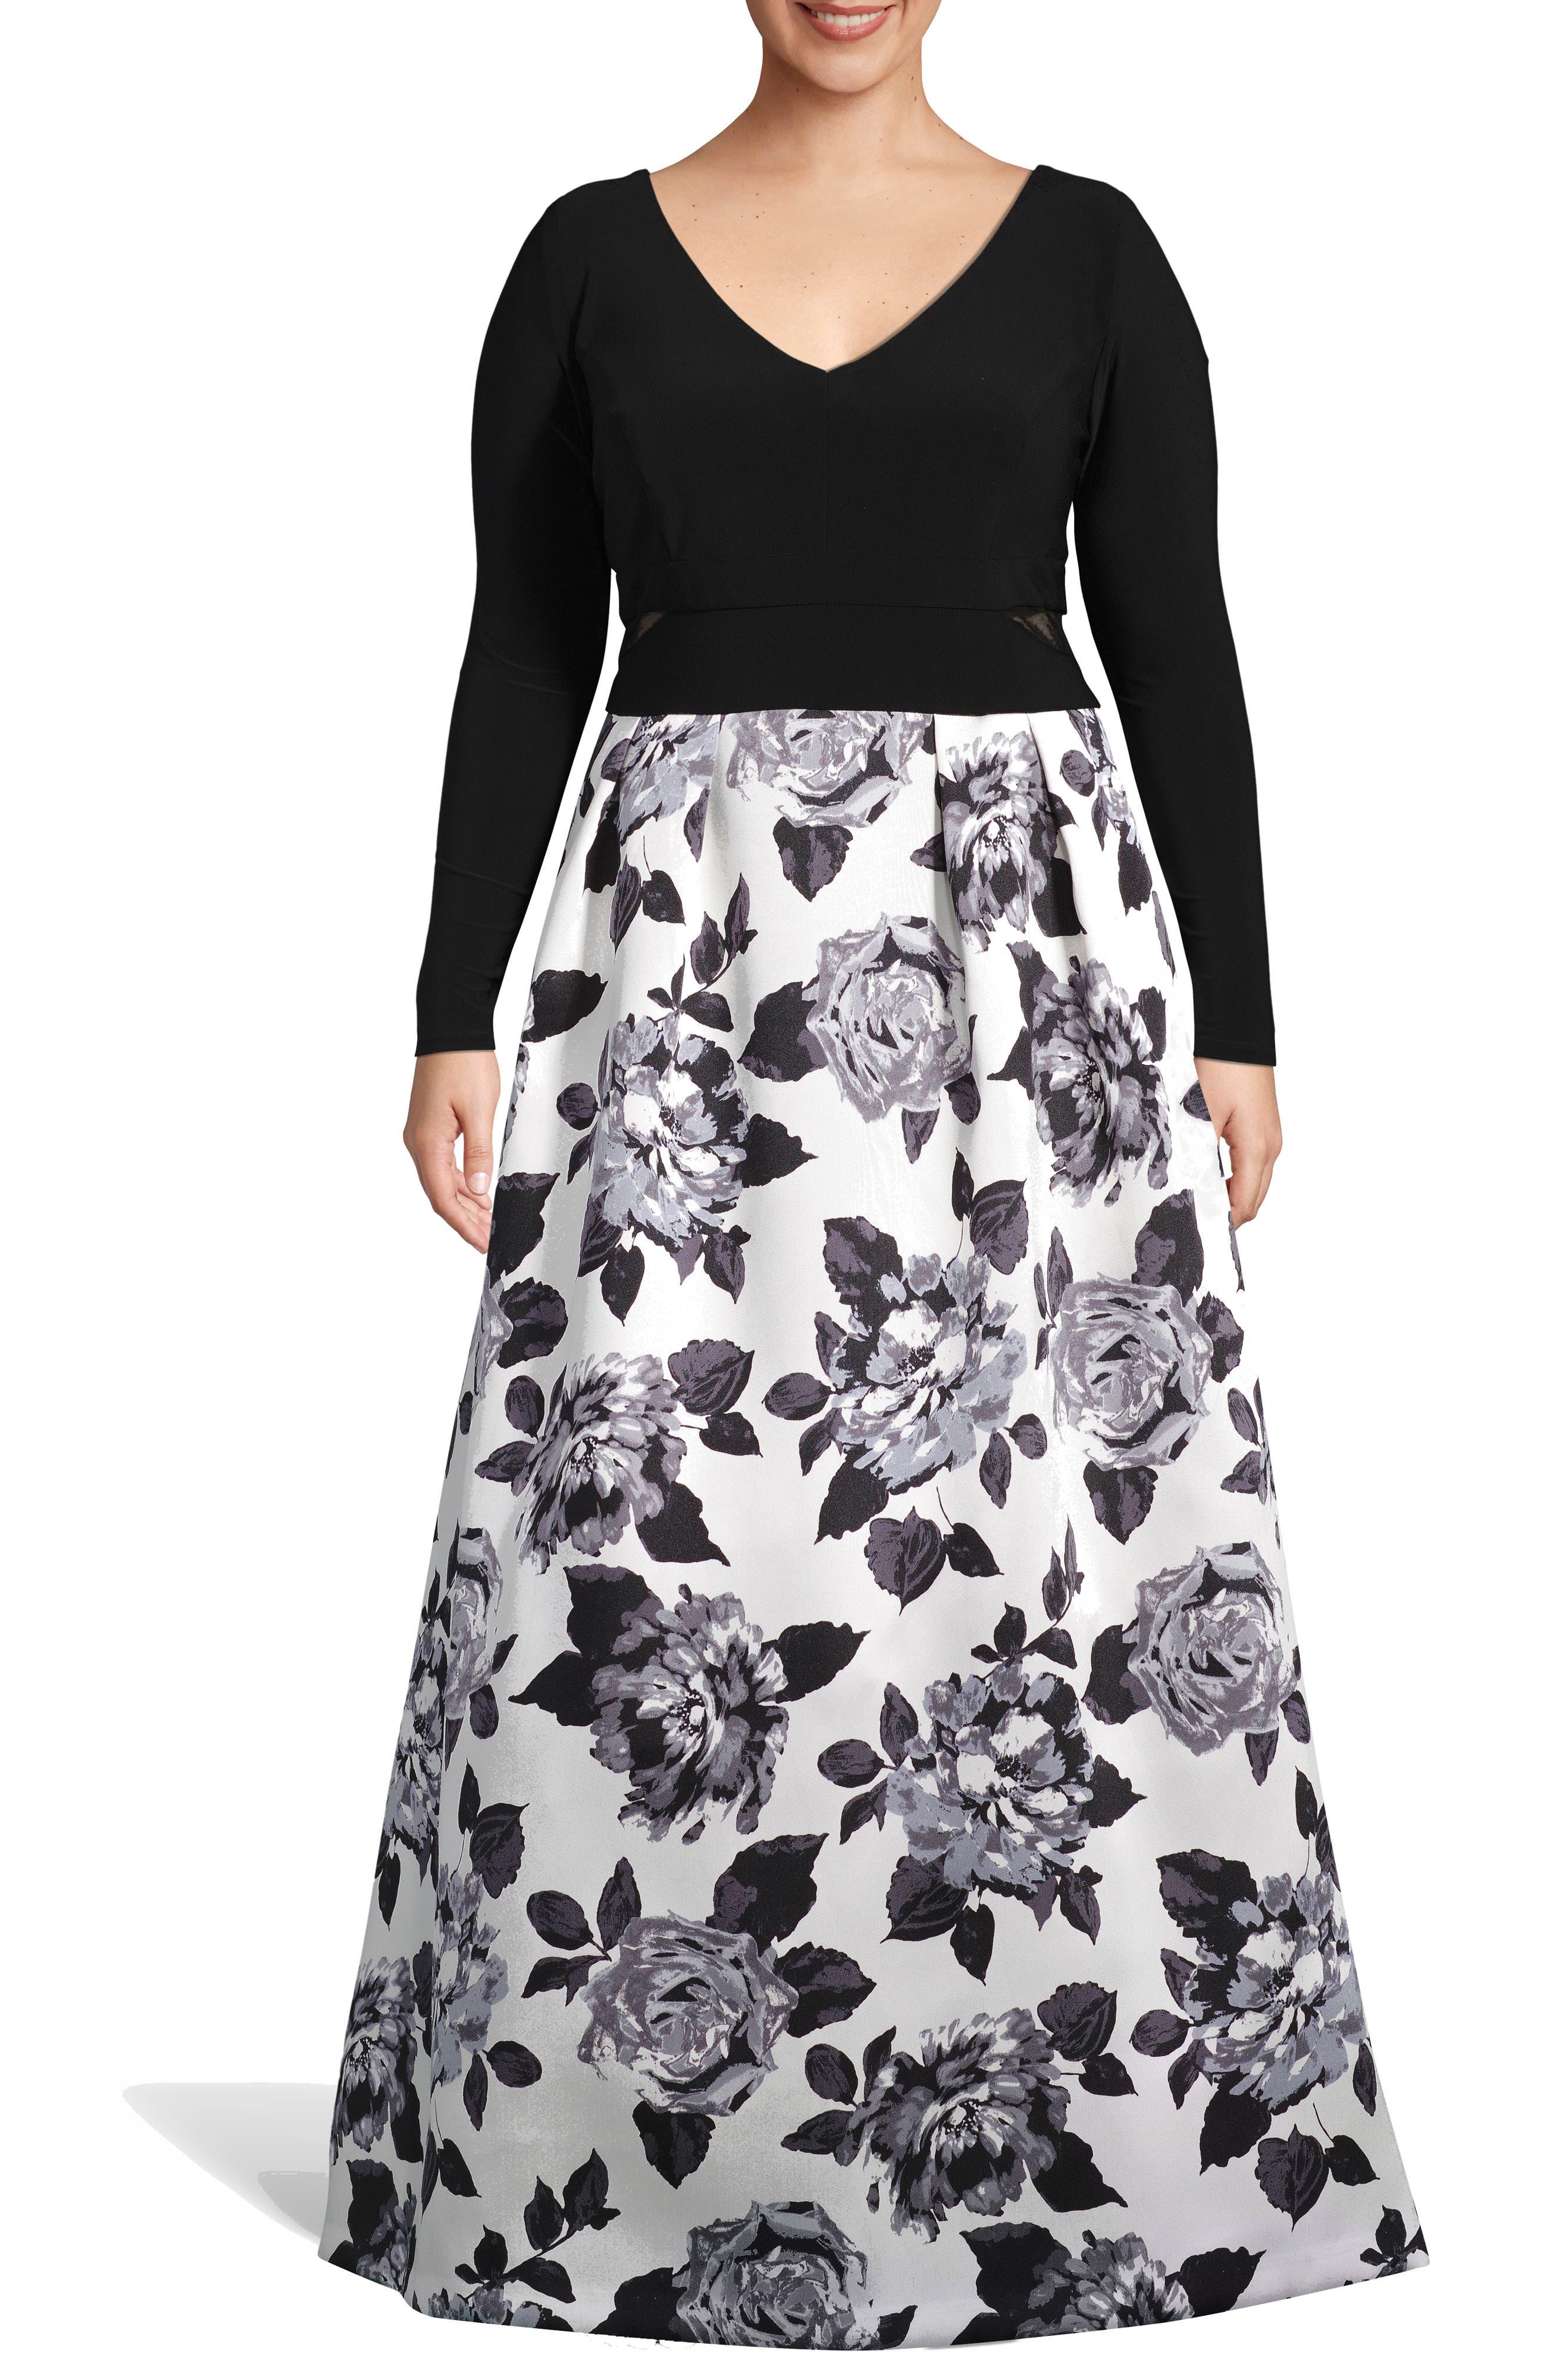 Plus Size Xscape Floral Print Evening Gown, Black